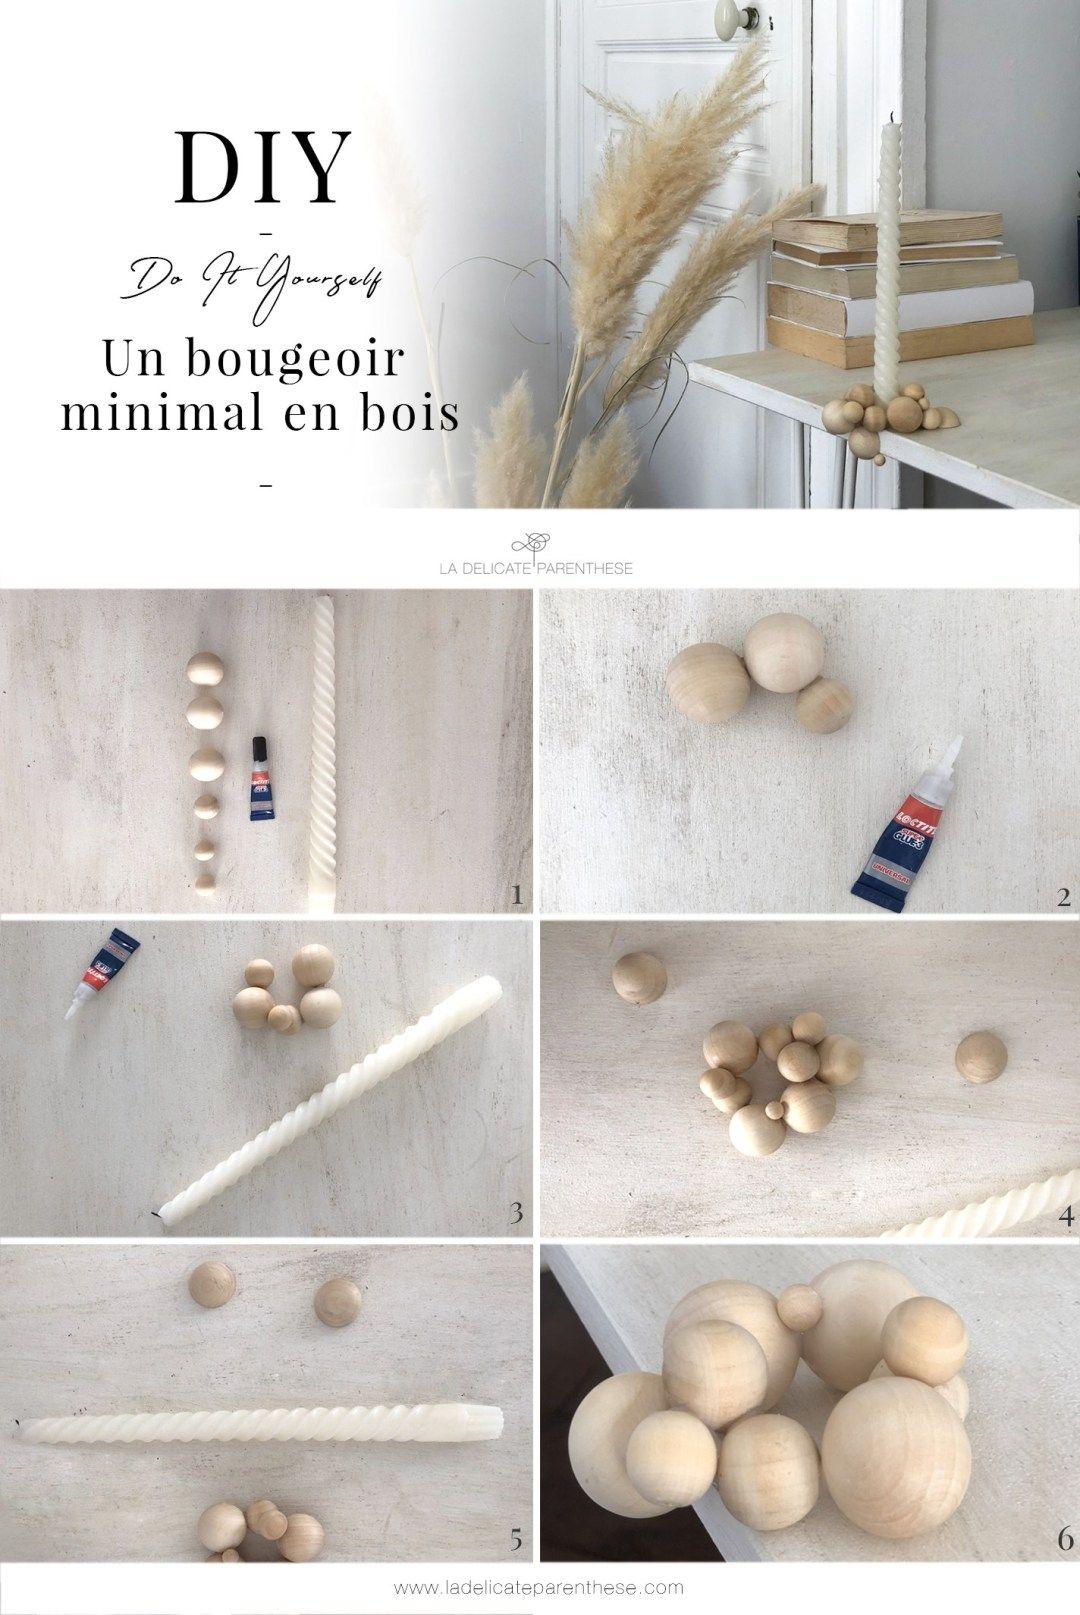 [ DIY ]Un bougeoir minimal en bois - La Délicate Parenthèse   DIY déco et inspiration déco #déco #stayINspired #home